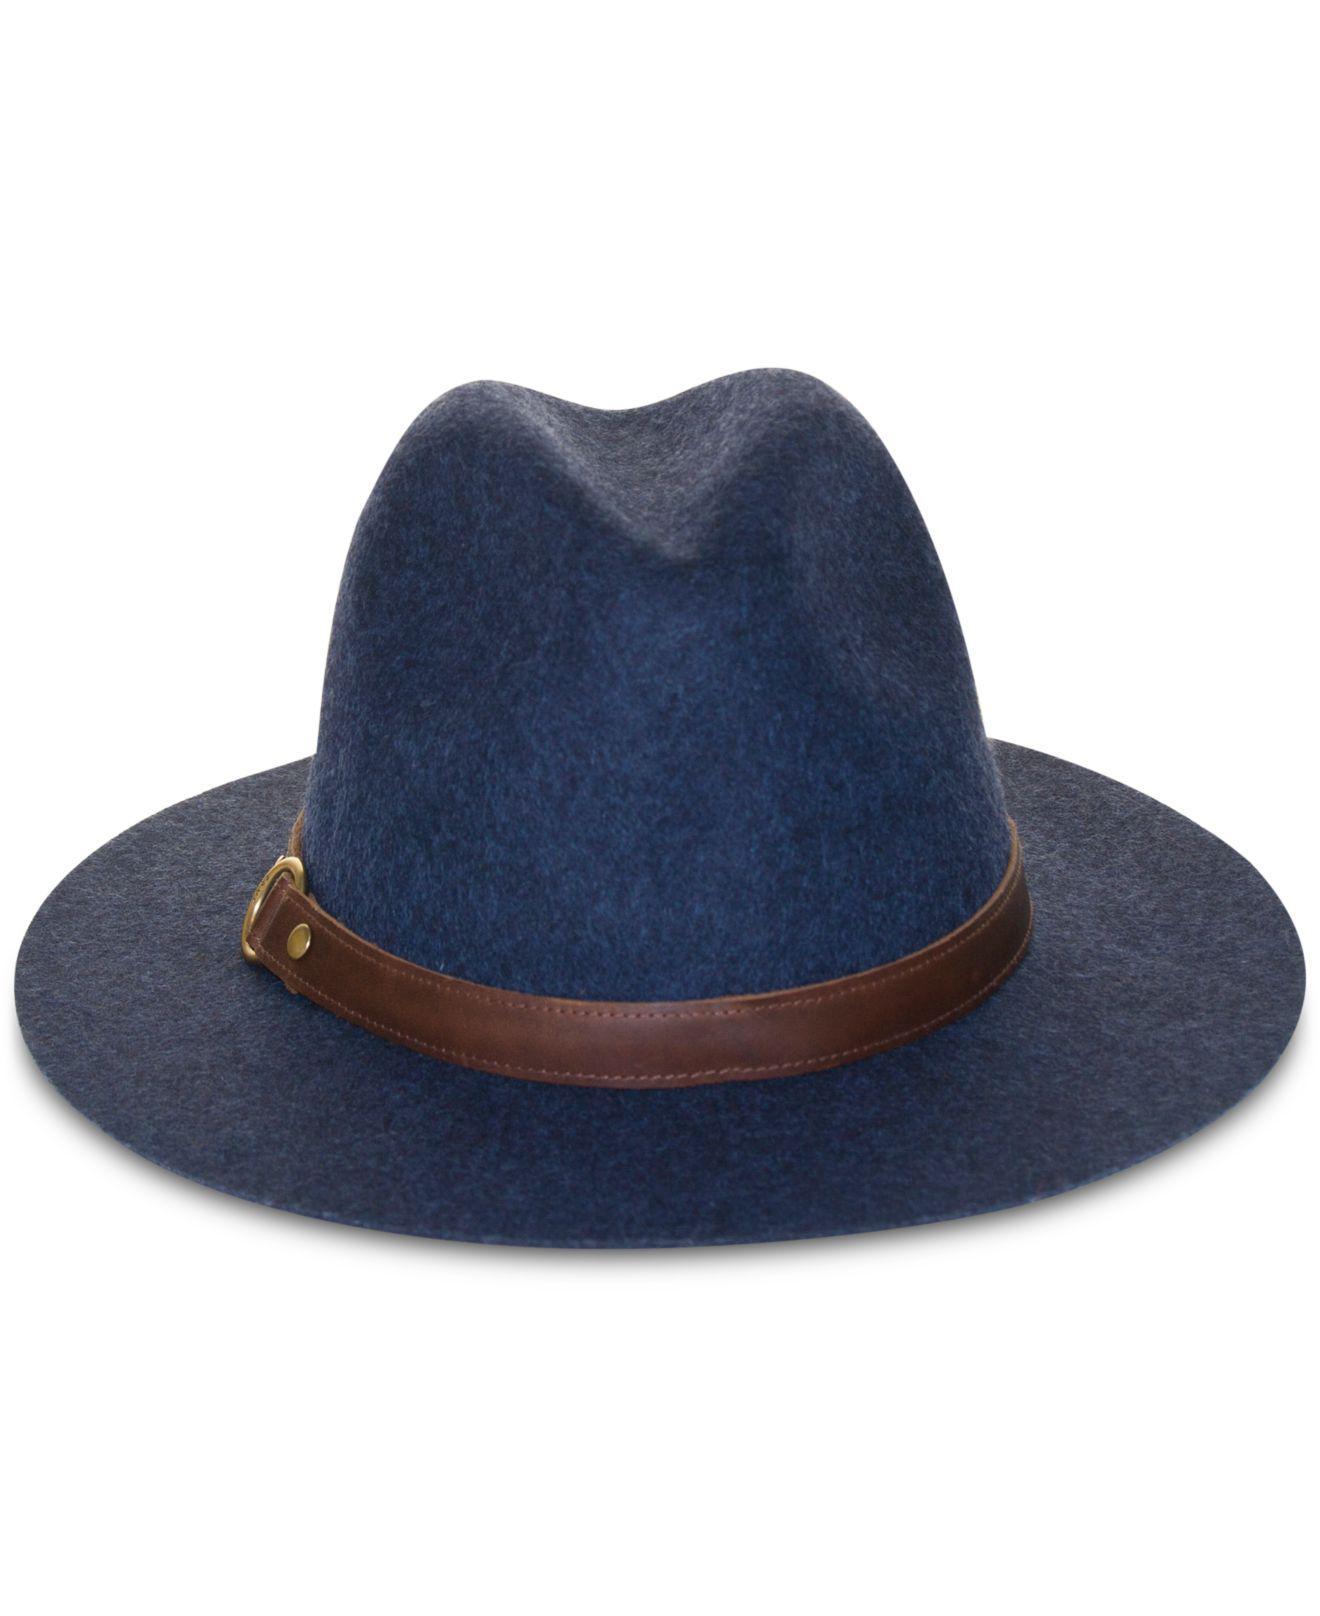 Lyst - Frye Wool Felt Harness Panama Hat in Blue 6f75902ec637